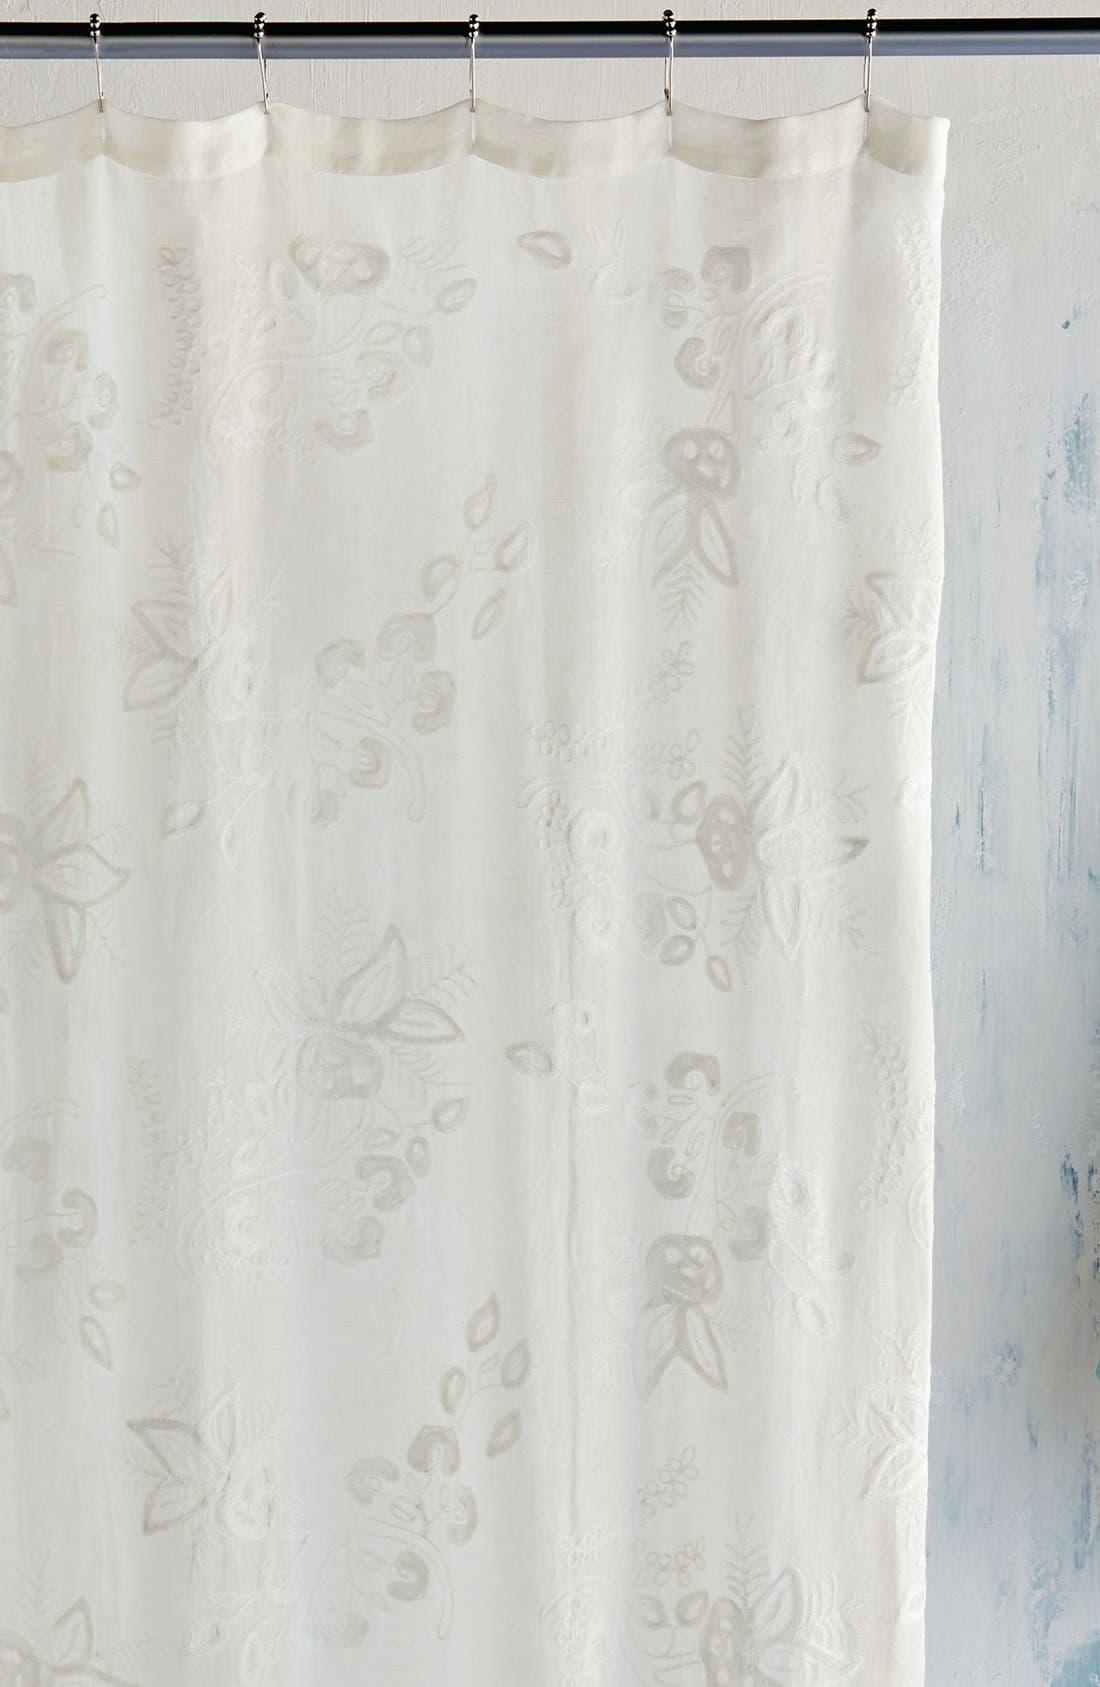 JOHN ROBSHAW 'Pasak' Shower Curtain